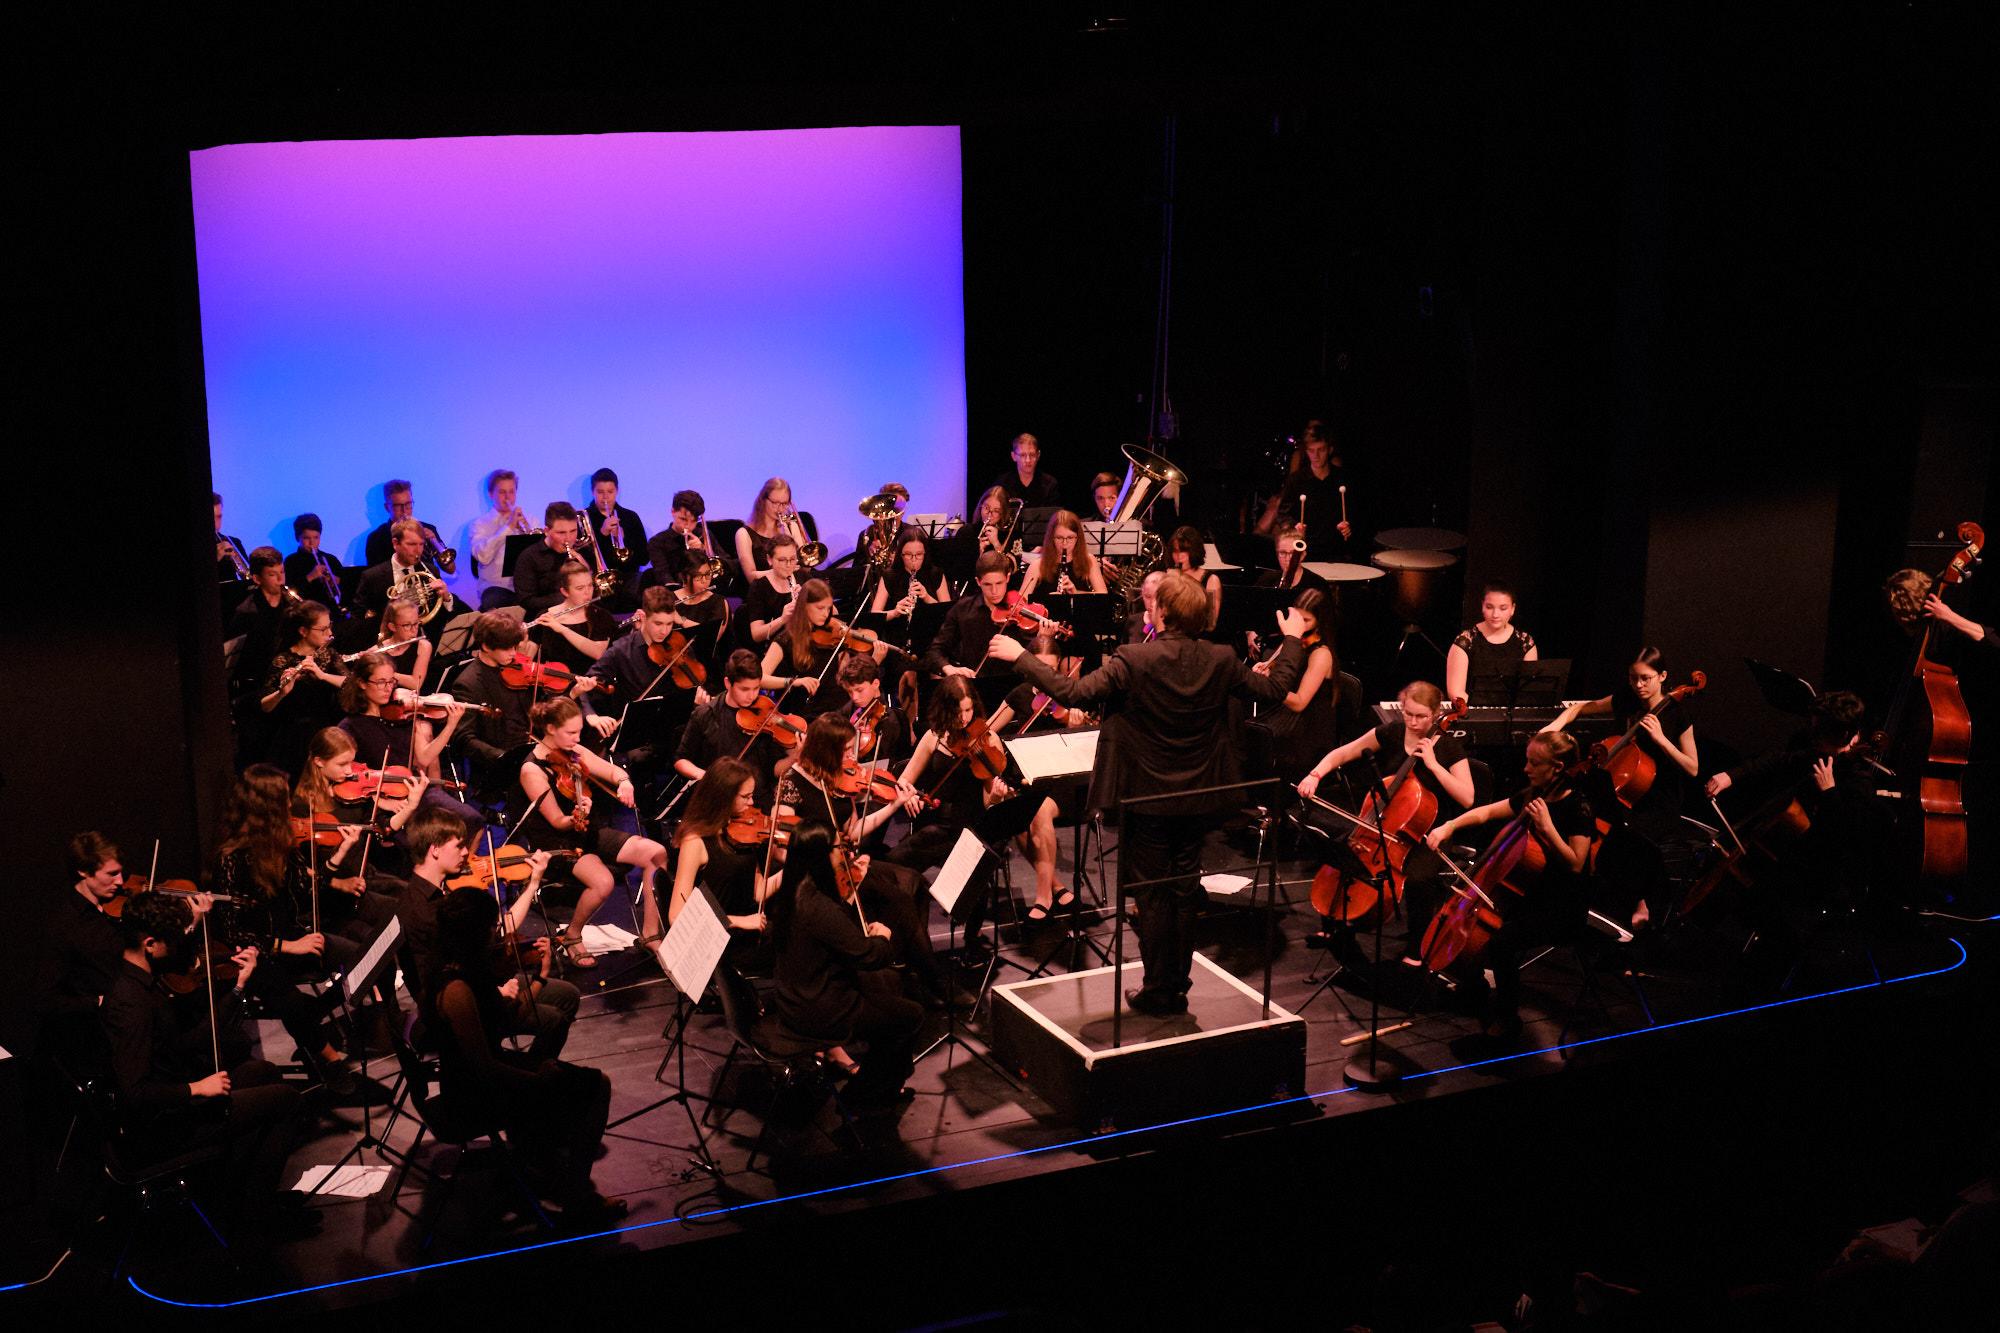 Sinfoniekonzert begeistert Publikum